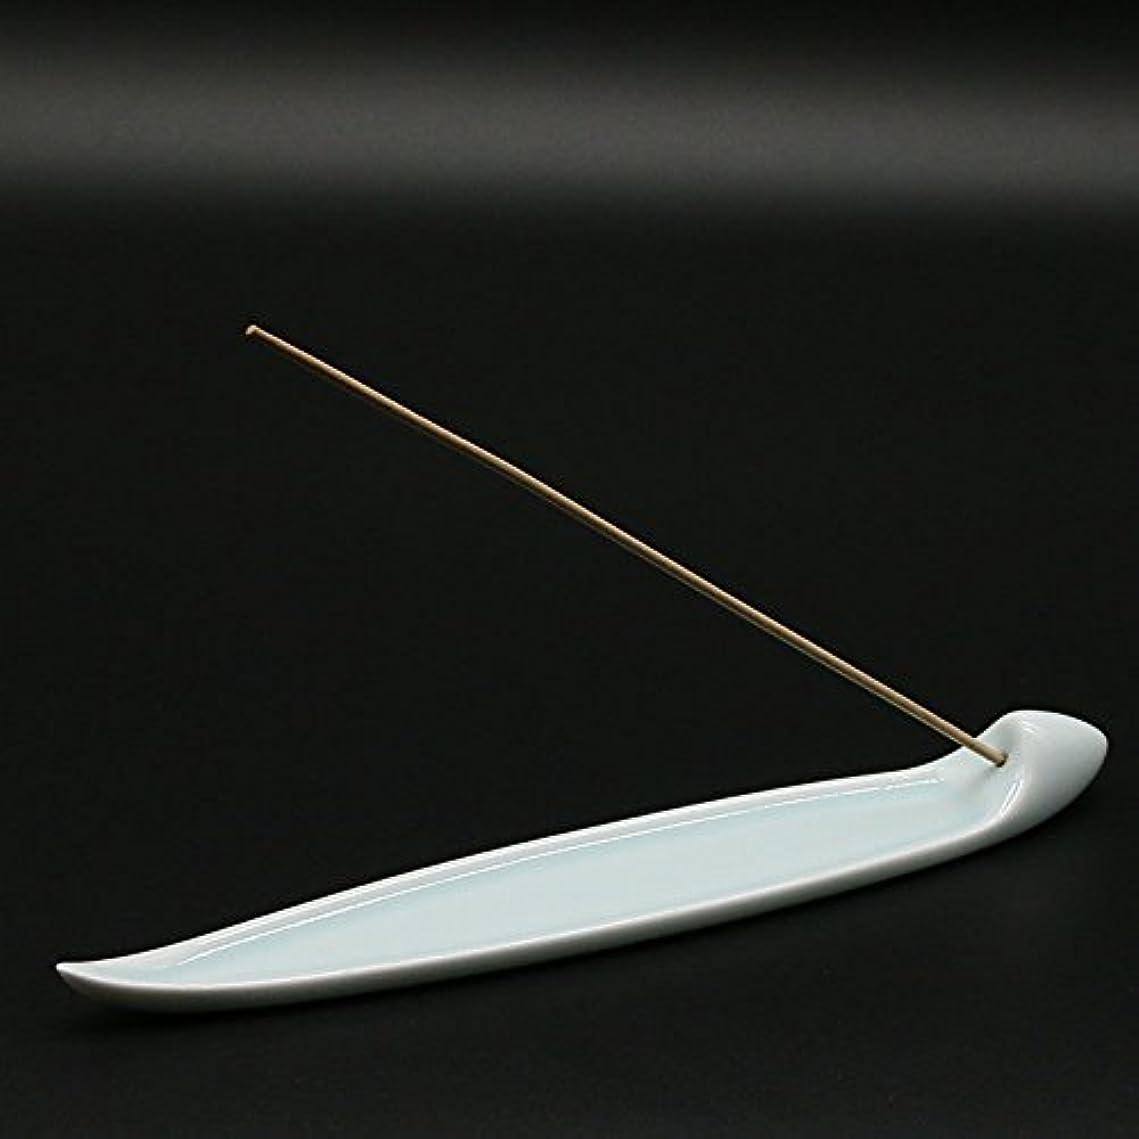 環境に優しい百年切断するsynpie Stick Incense Burner holder-ru Klin 1.5 MM 2 MM 2.5 MM竹Stcik / Stick Incense Holder Incense Holder Incense...